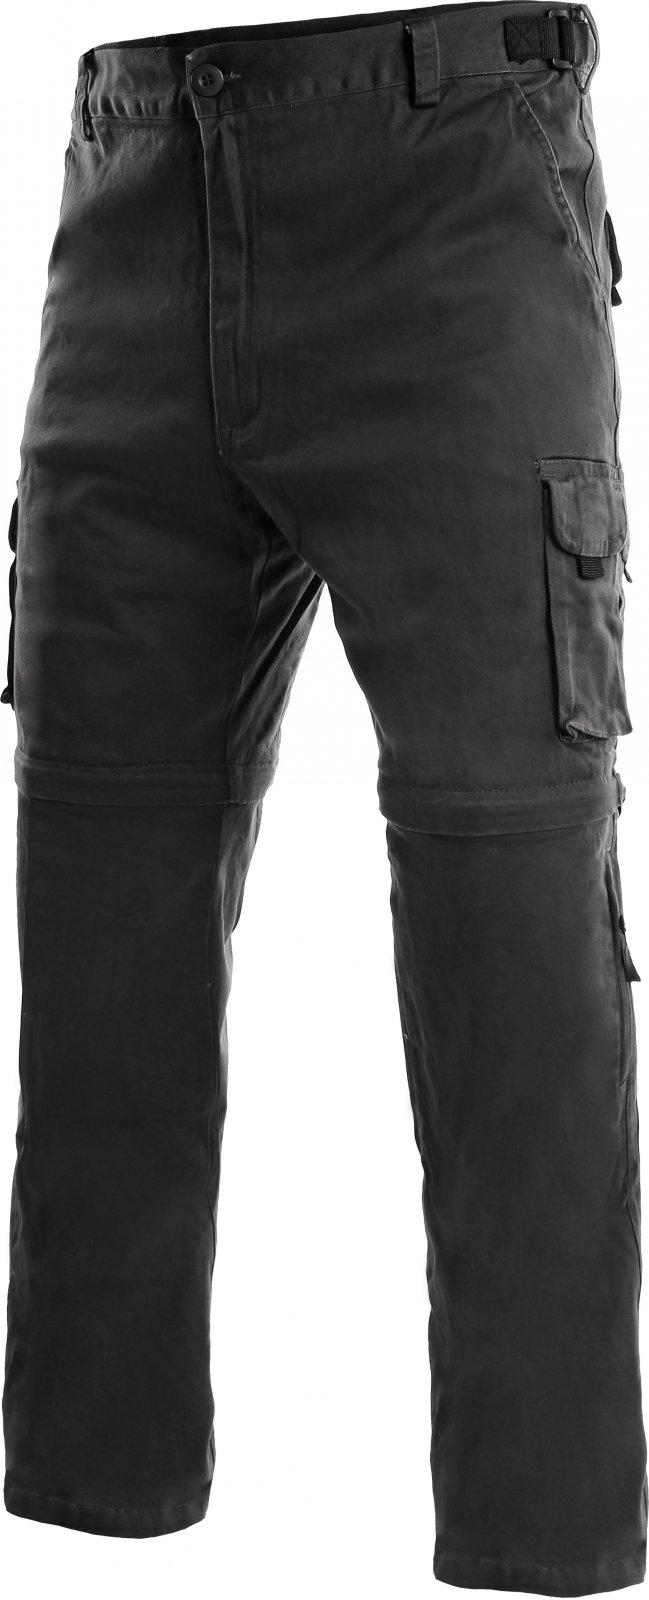 Canis Venator kalhoty černé od 531 Kč • Zboží.cz 764a6264d8